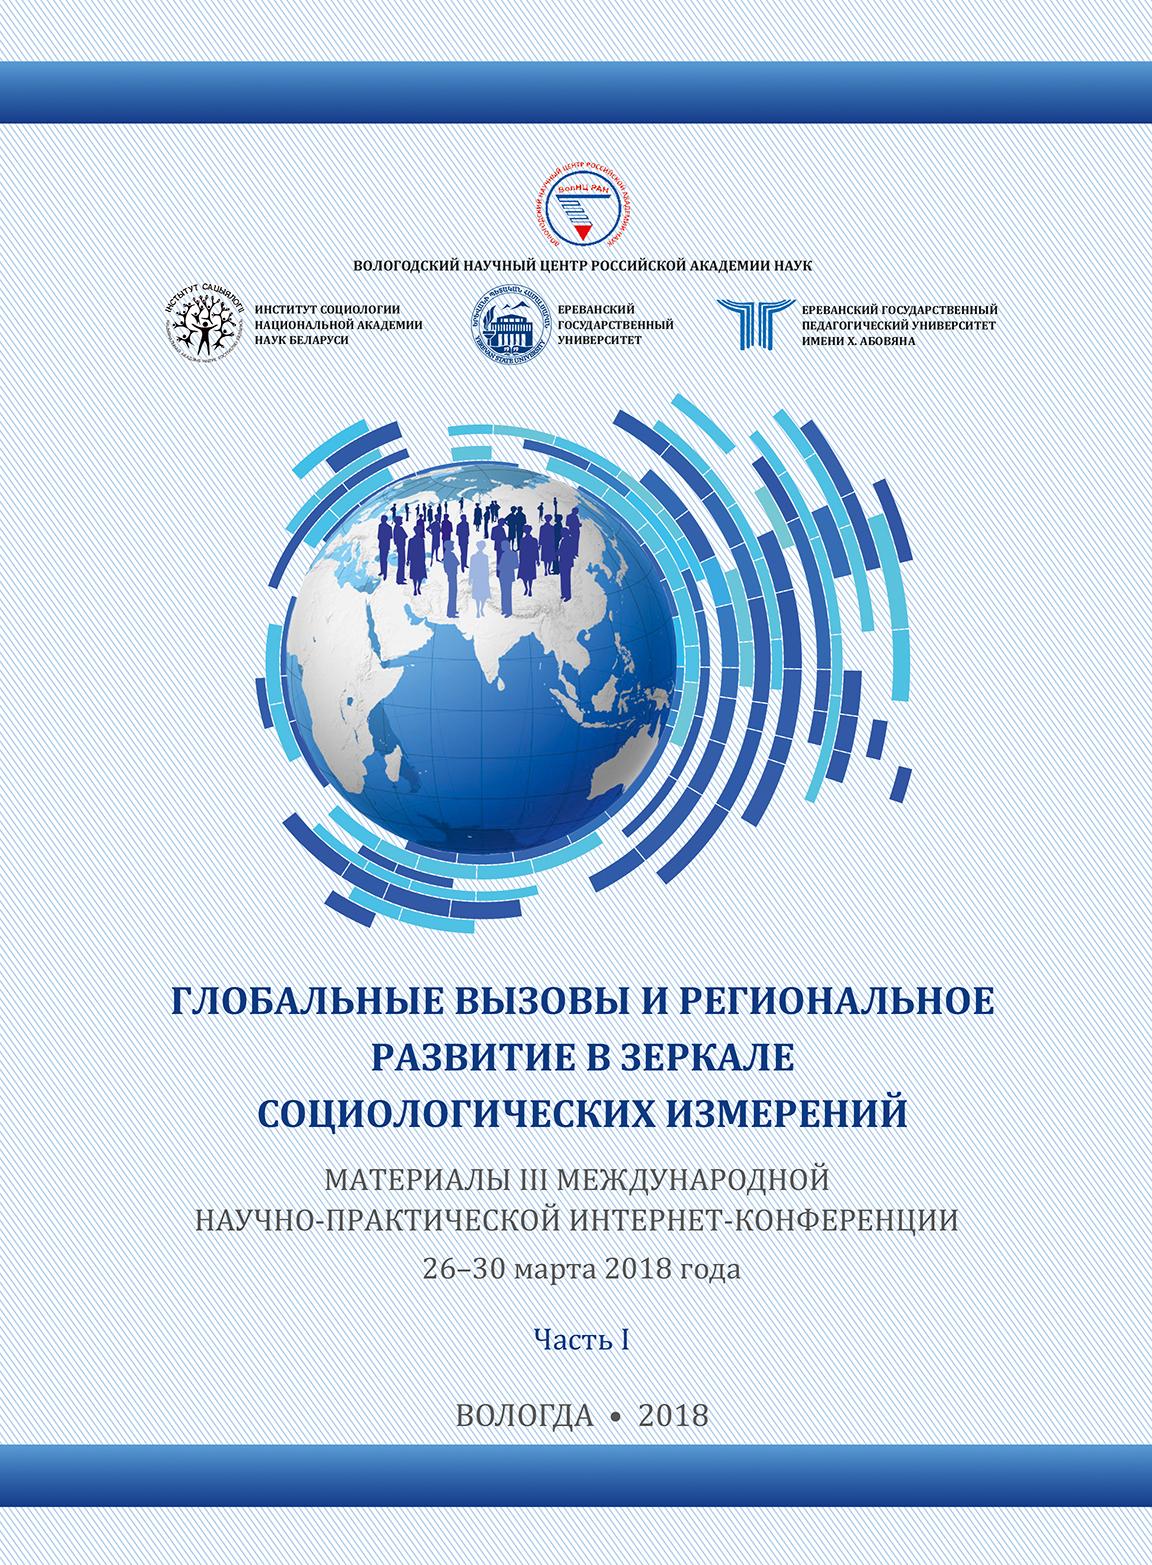 globalnye vyzovy i regionalnoe razvitie v zerkale sotsiologicheskikh izmereniy 2018 g chast i